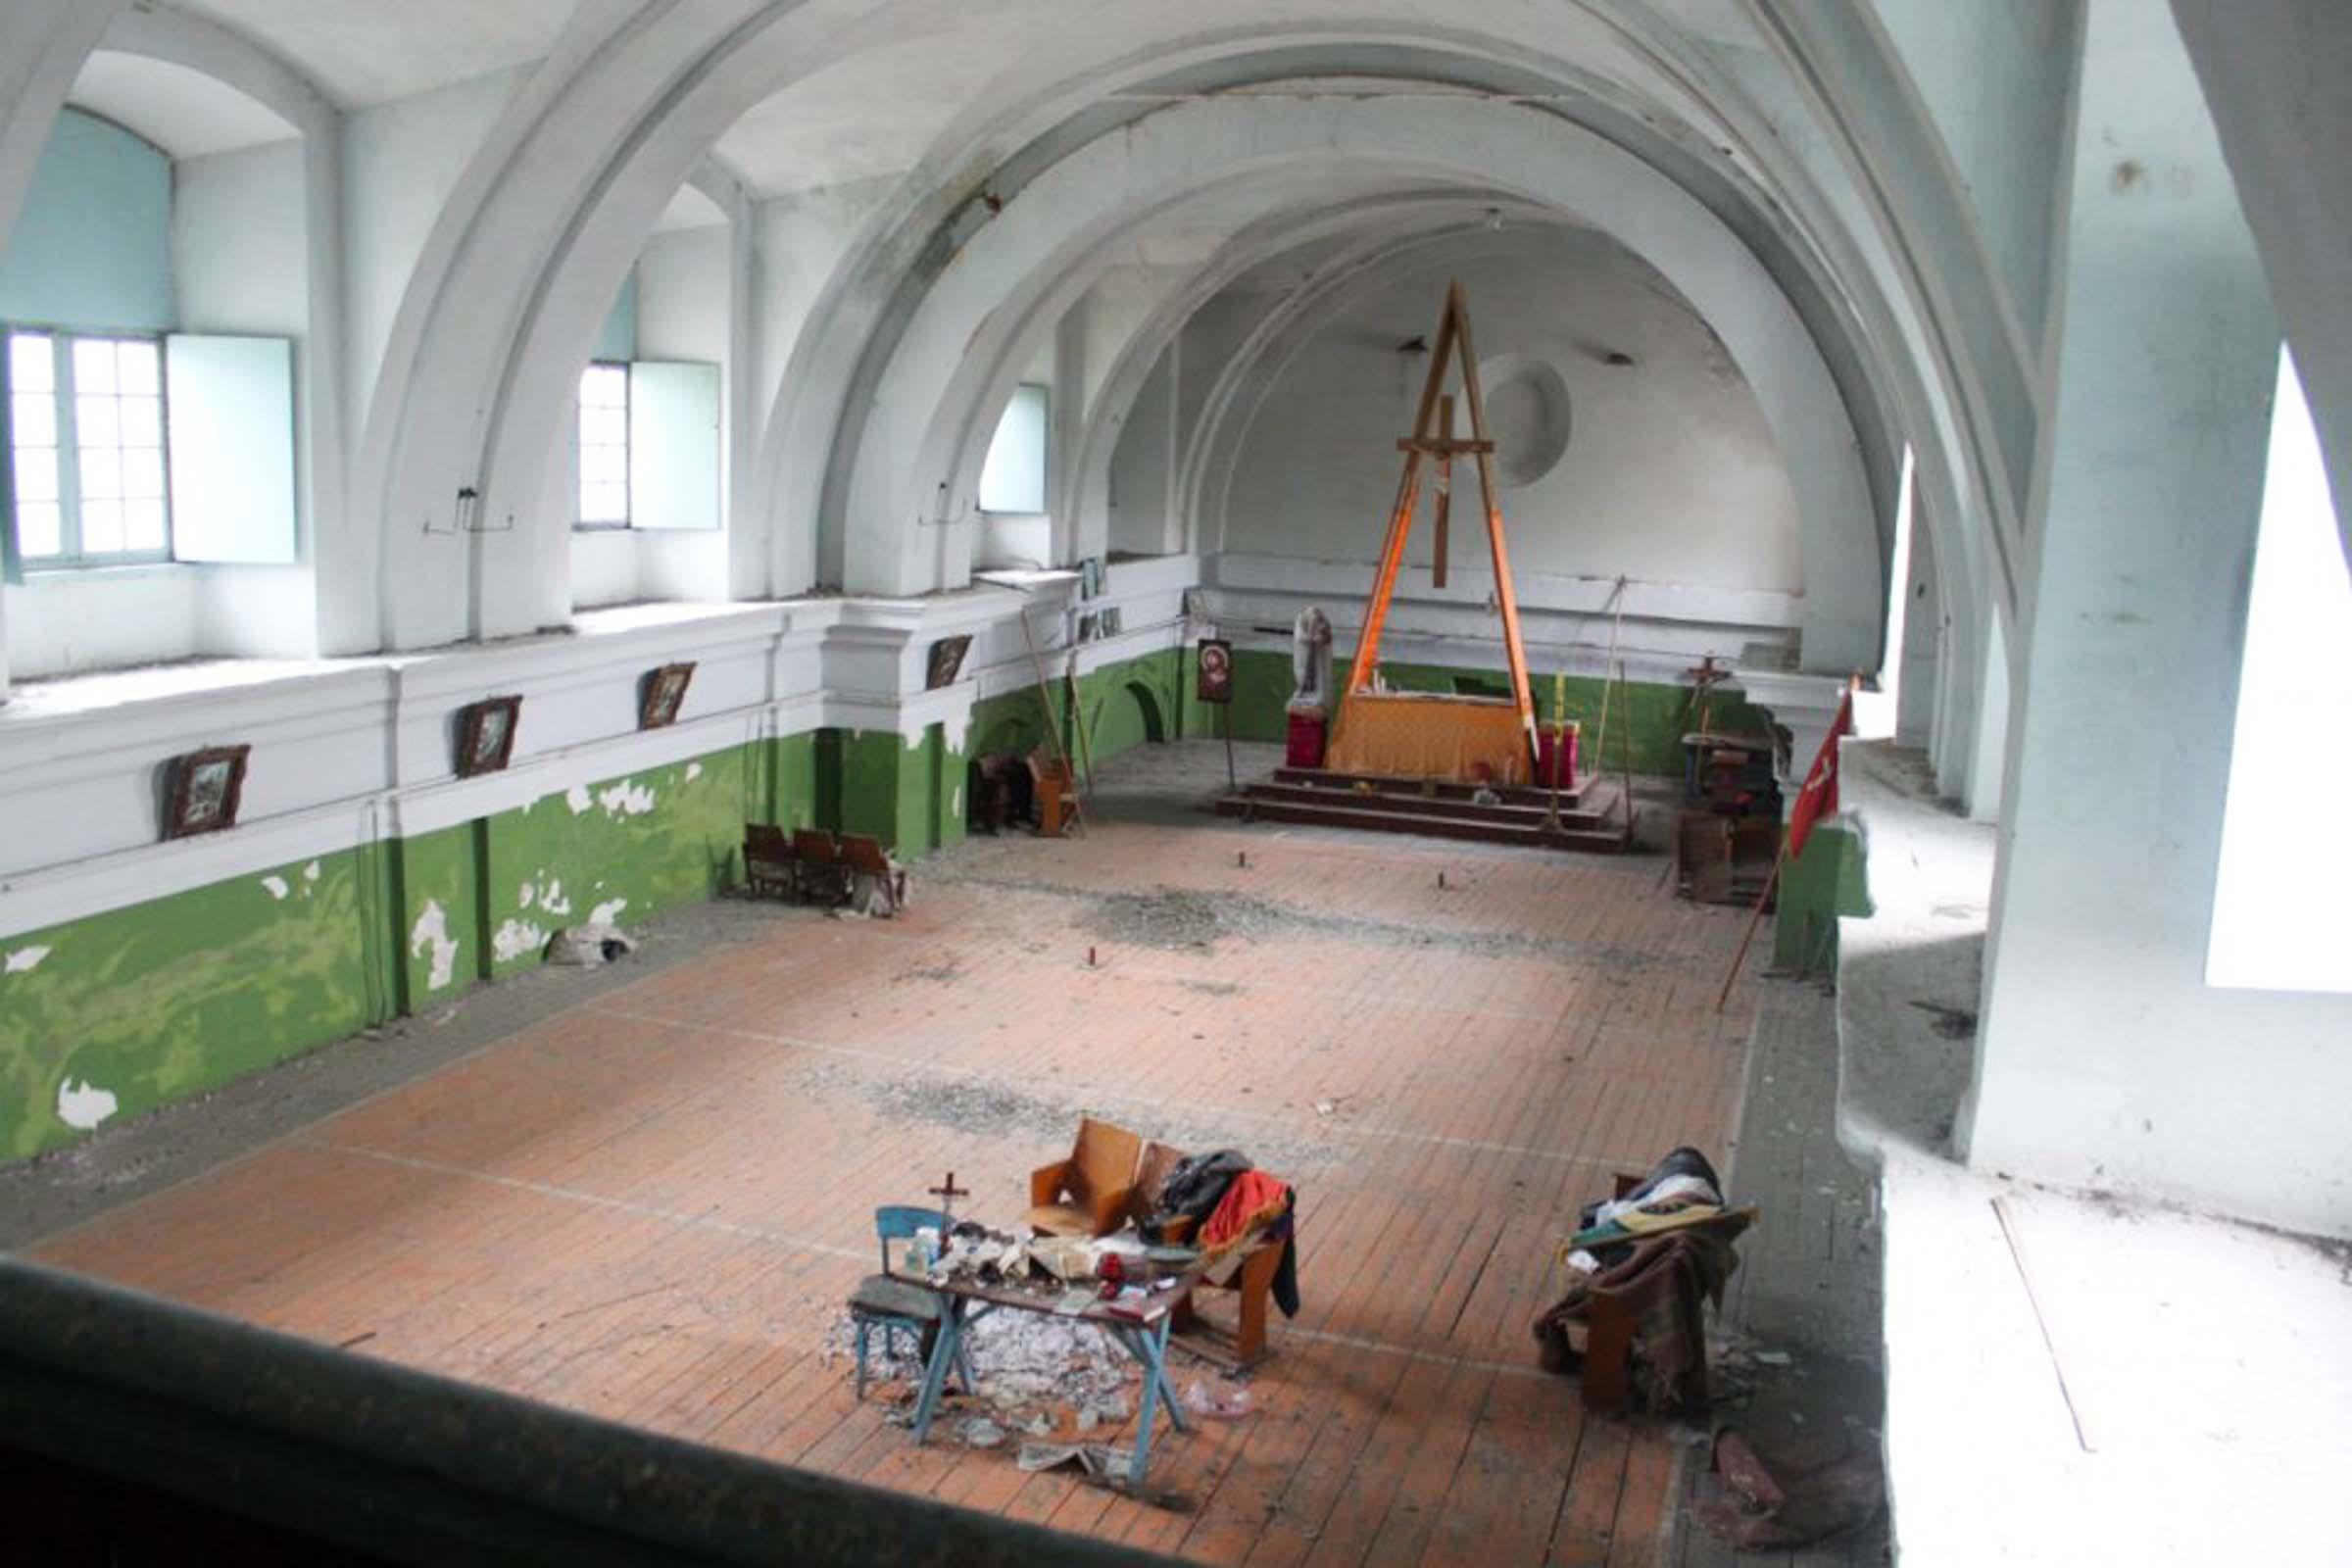 Kościół w Janowie na Podolu, przekształcony przez Sowietów w szkołę muzyczną i salę sportową